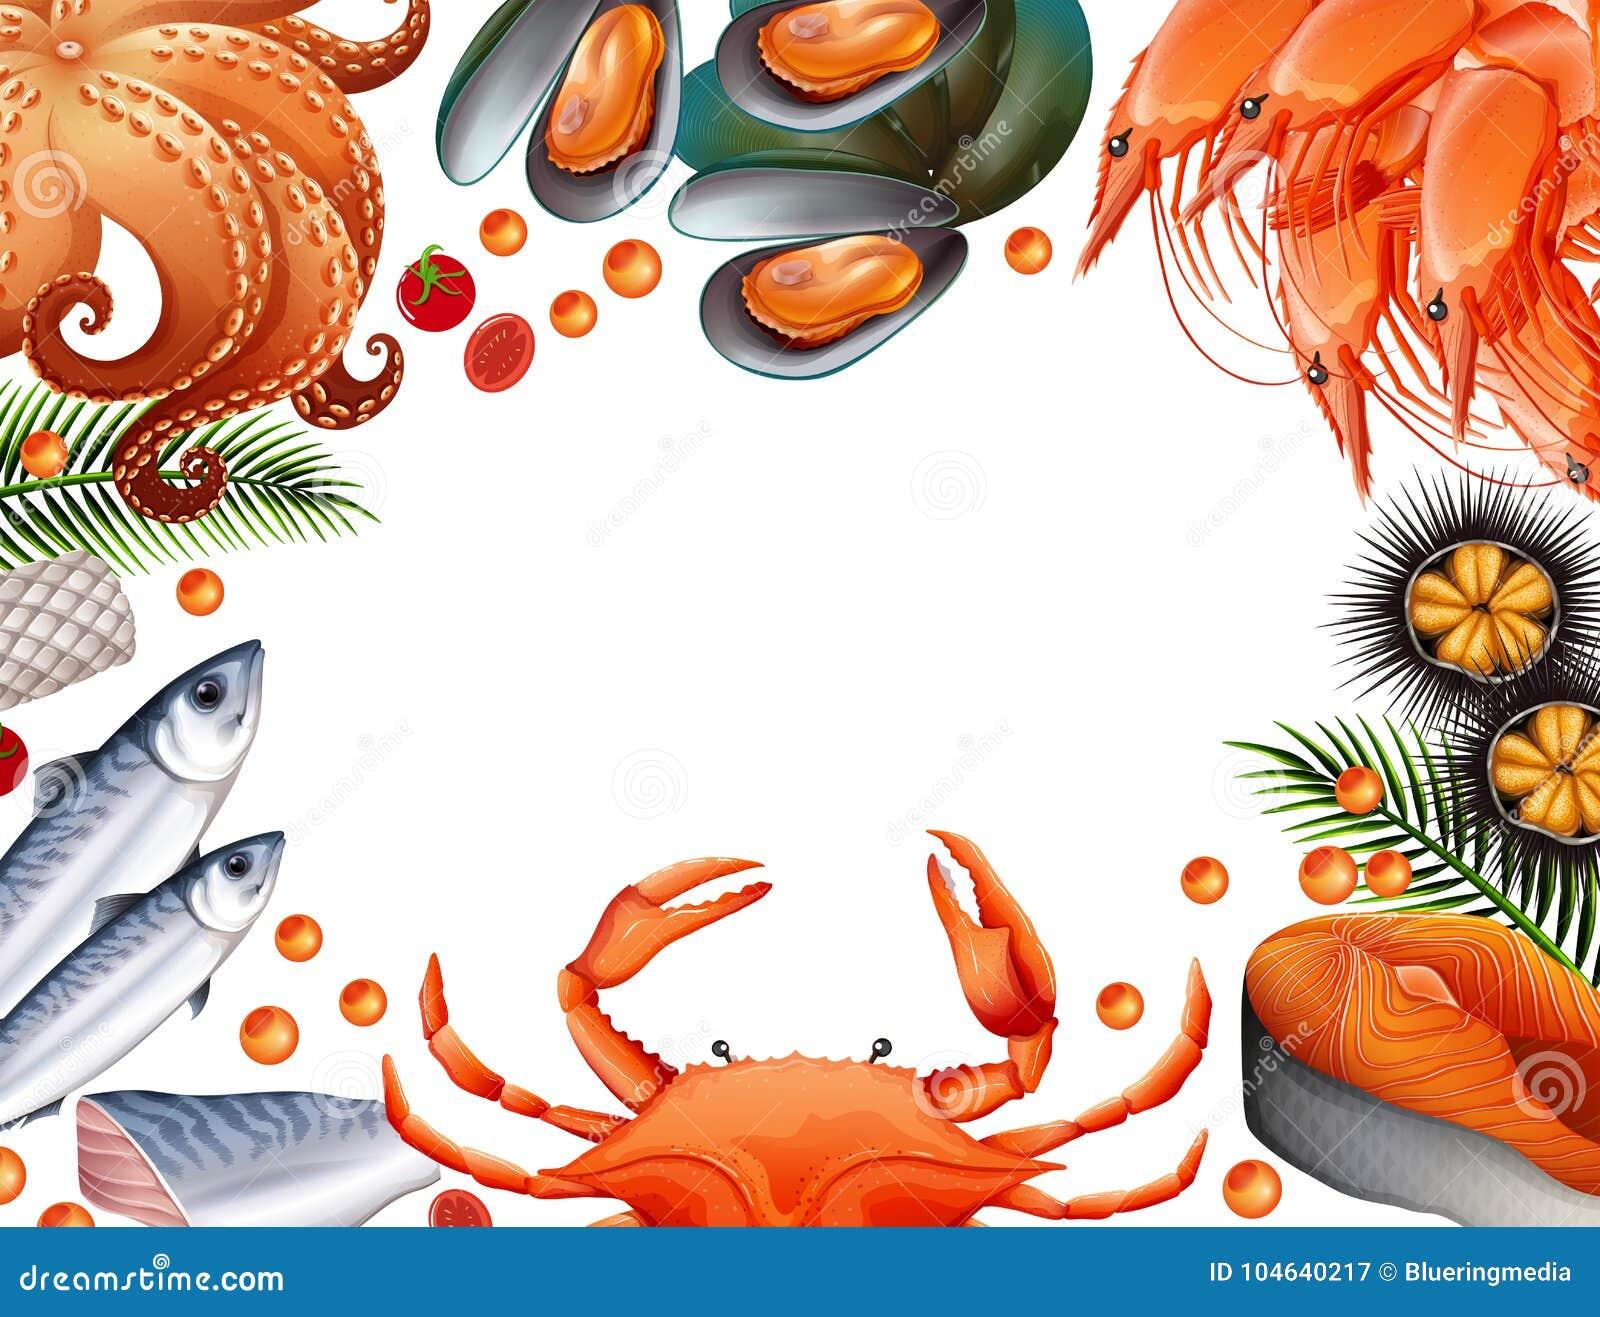 Download Grensmalplaatje Met Verschillende Soorten Zeevruchten Vector Illustratie - Illustratie bestaande uit zalm, garnalen: 104640217